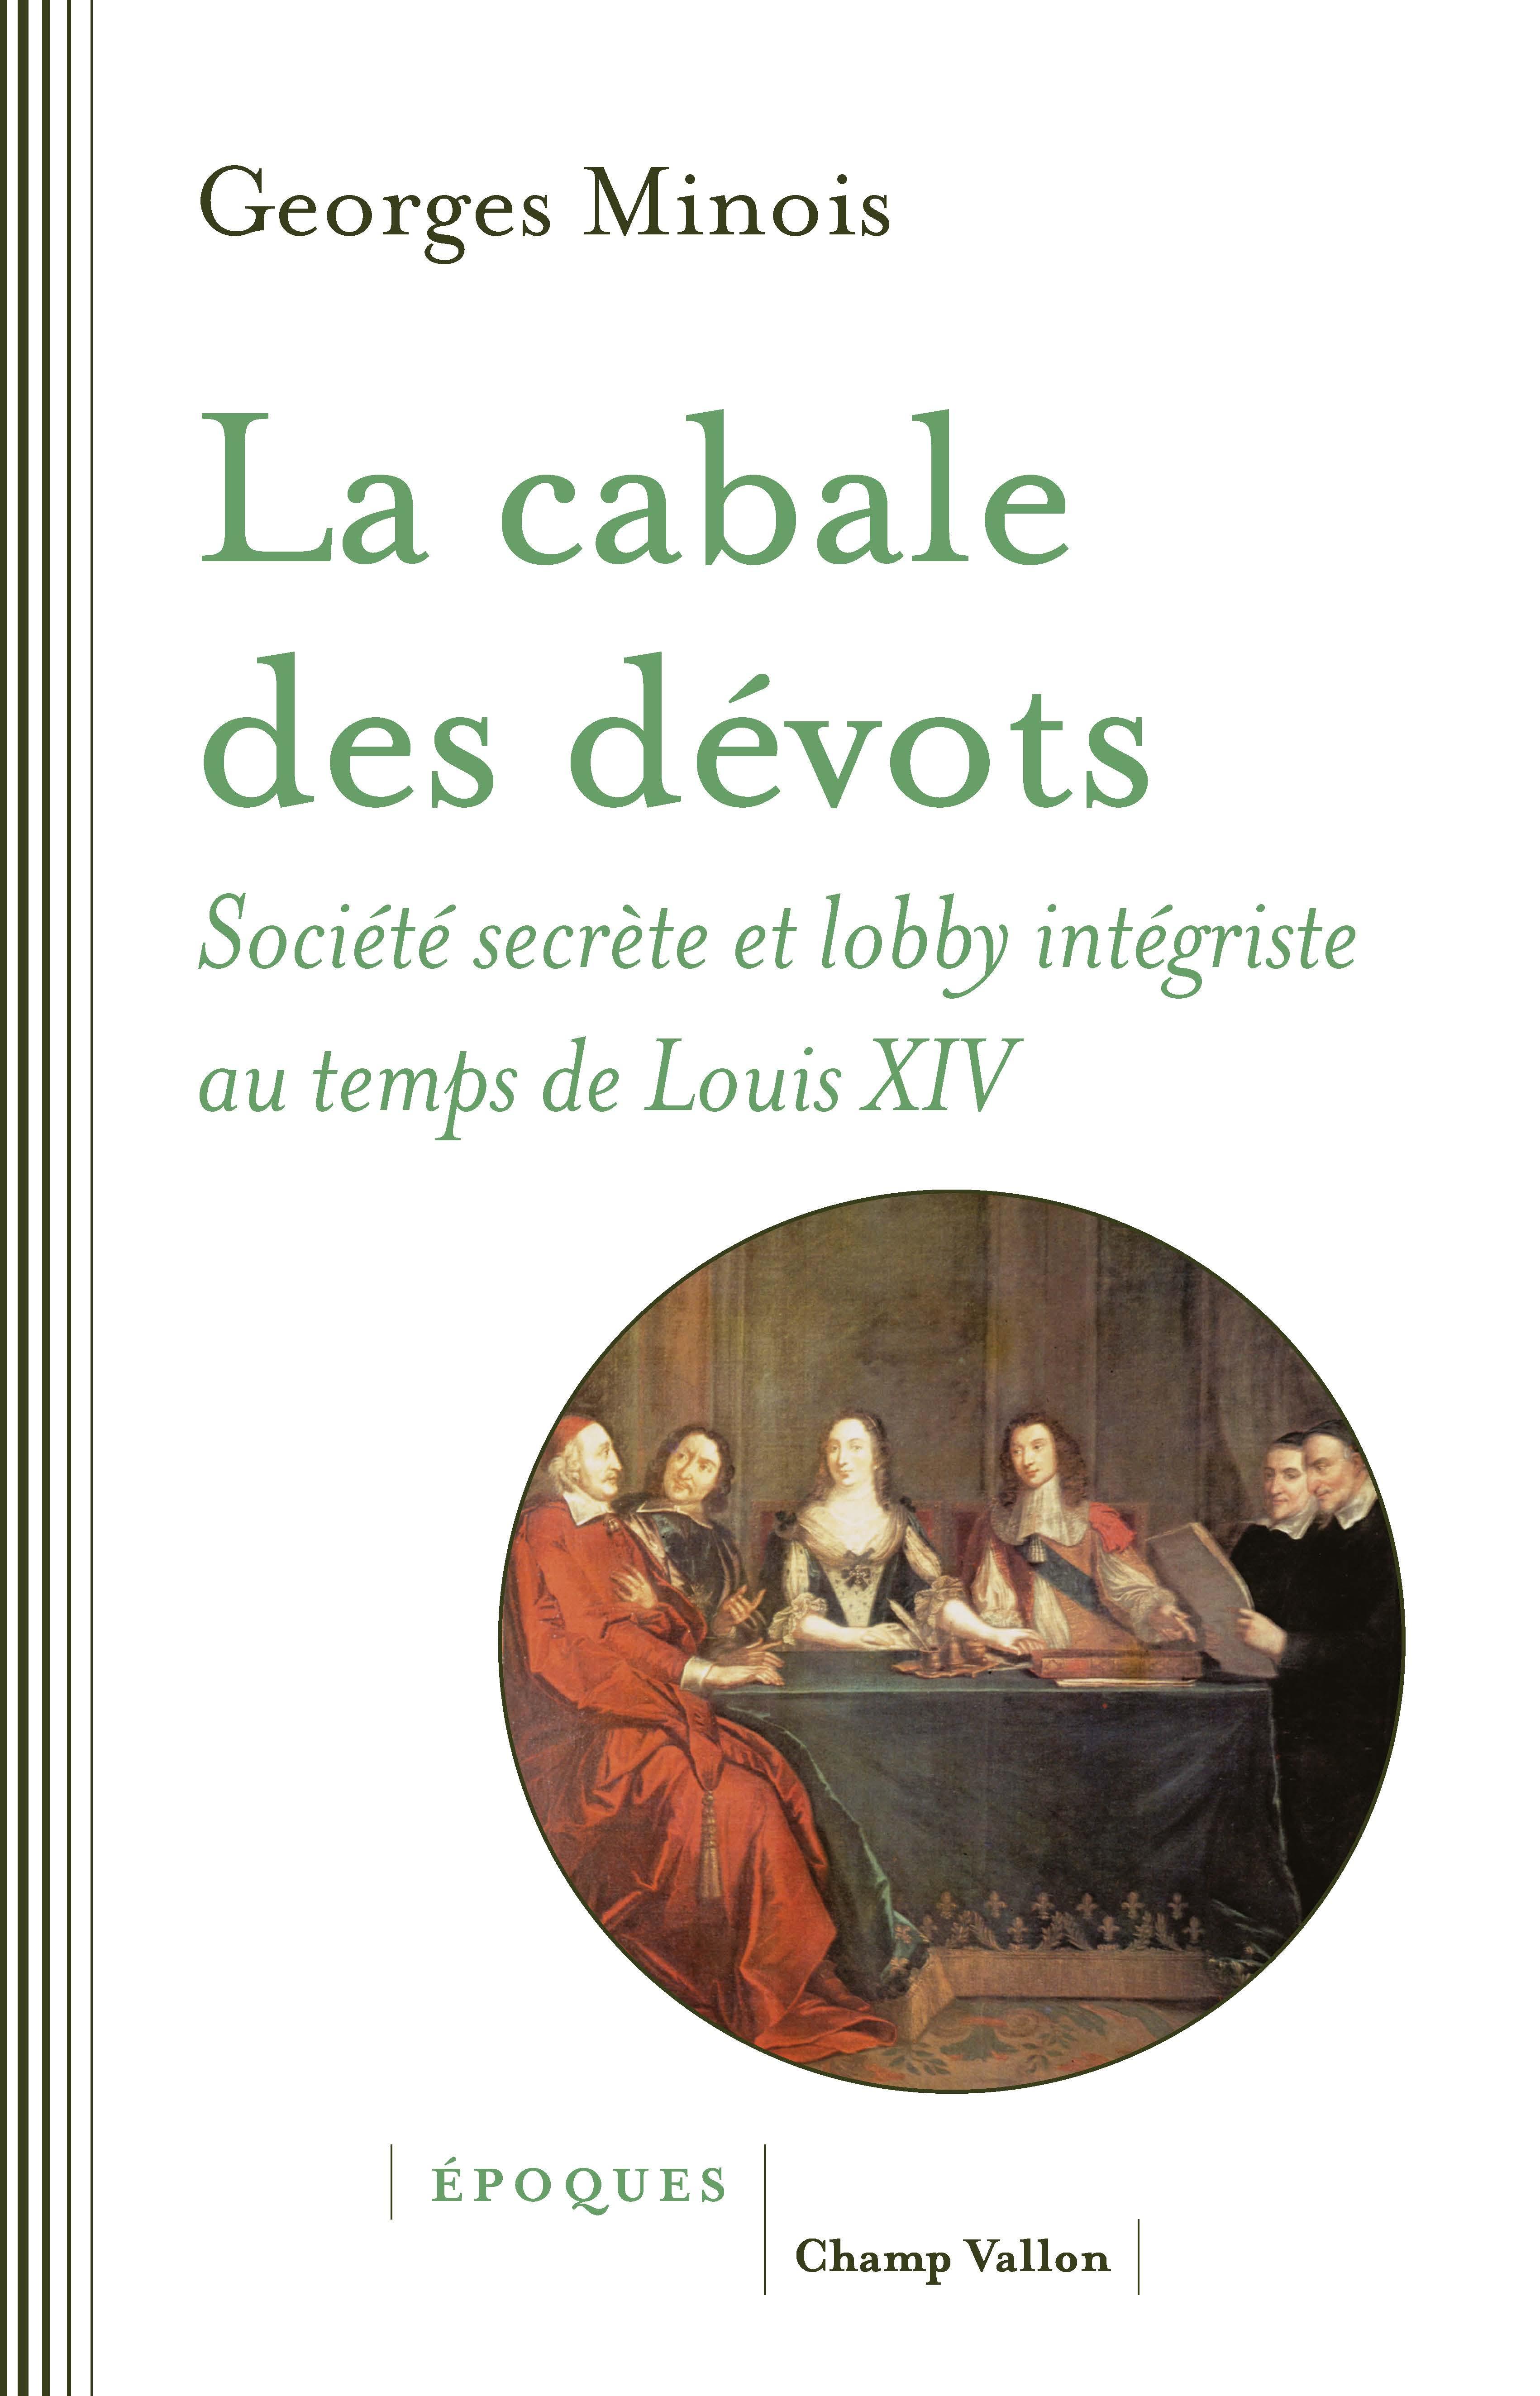 La cabale des dévots, Société secrète et lobby intégriste sous Louis XIV